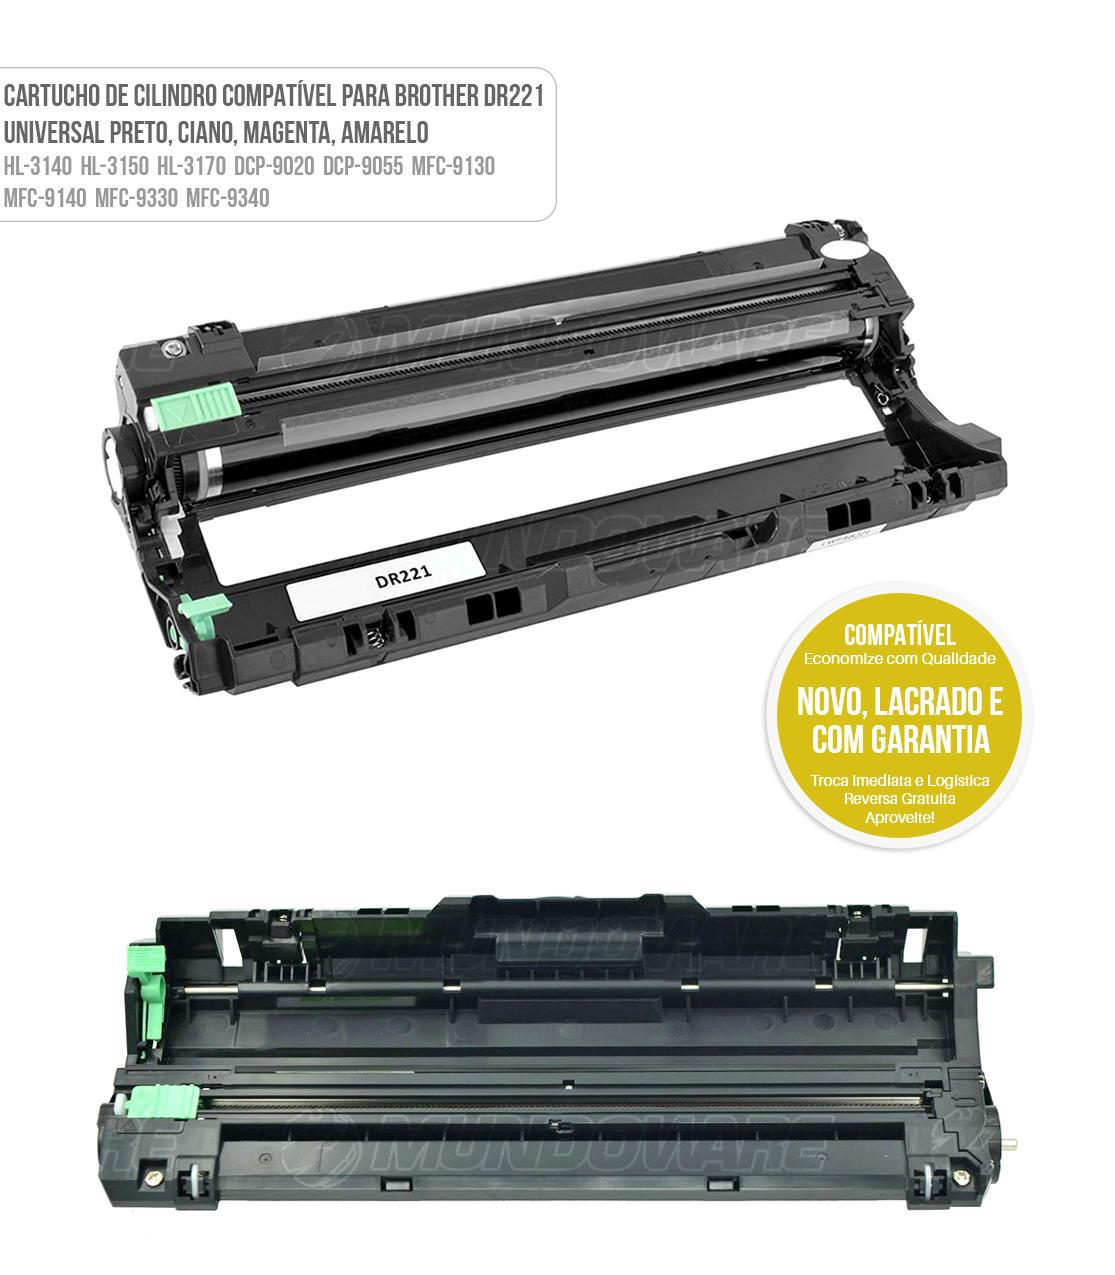 Drum Unidade de Cilindro Compatível com DR221 para Toner Colorido TN221 TN225 para impressora MFC9130CW MFC9330CDW MFC9340CDW HL3140CW HL3150CDN HL3170CDW